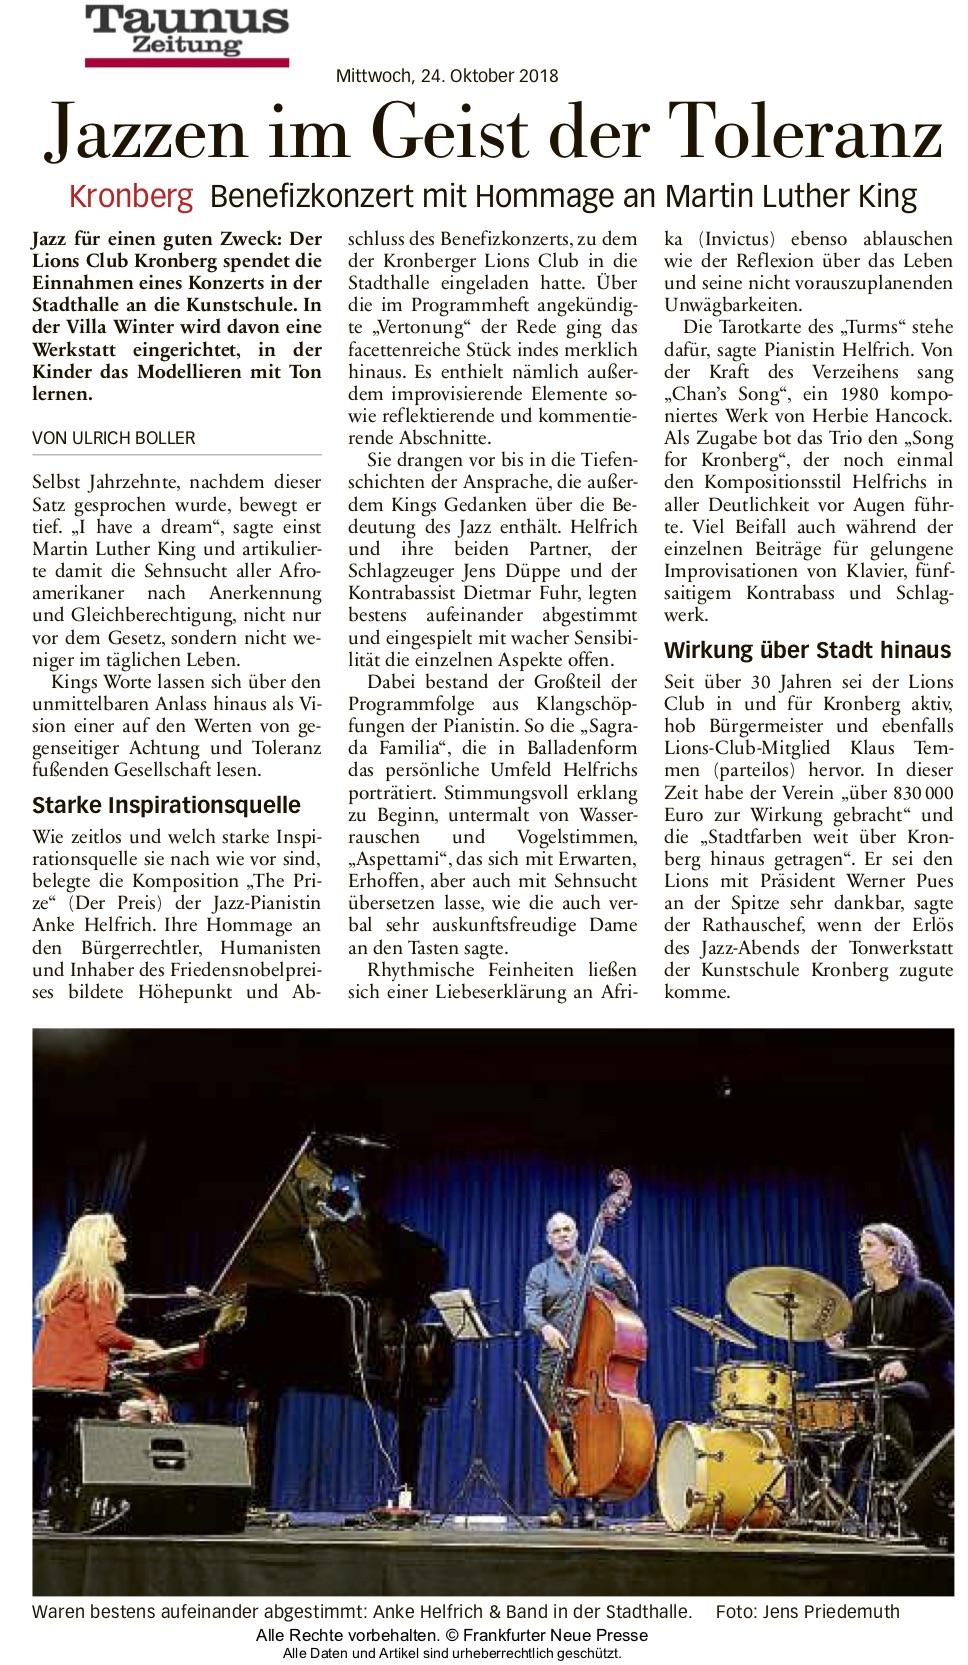 Taunus Zeitung Artikel Jazzen im Geiste der Toleranz - Lions Kronberg